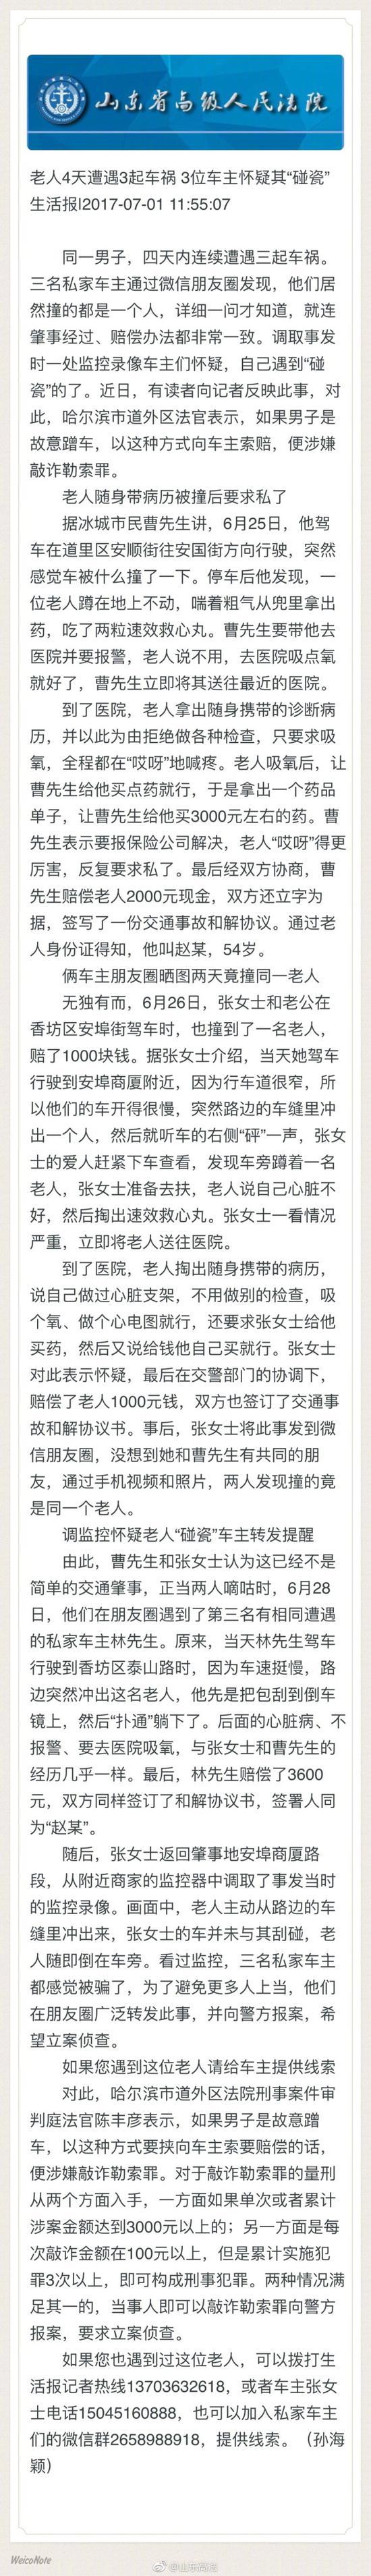 pk10论坛百度鼎盛彩票网